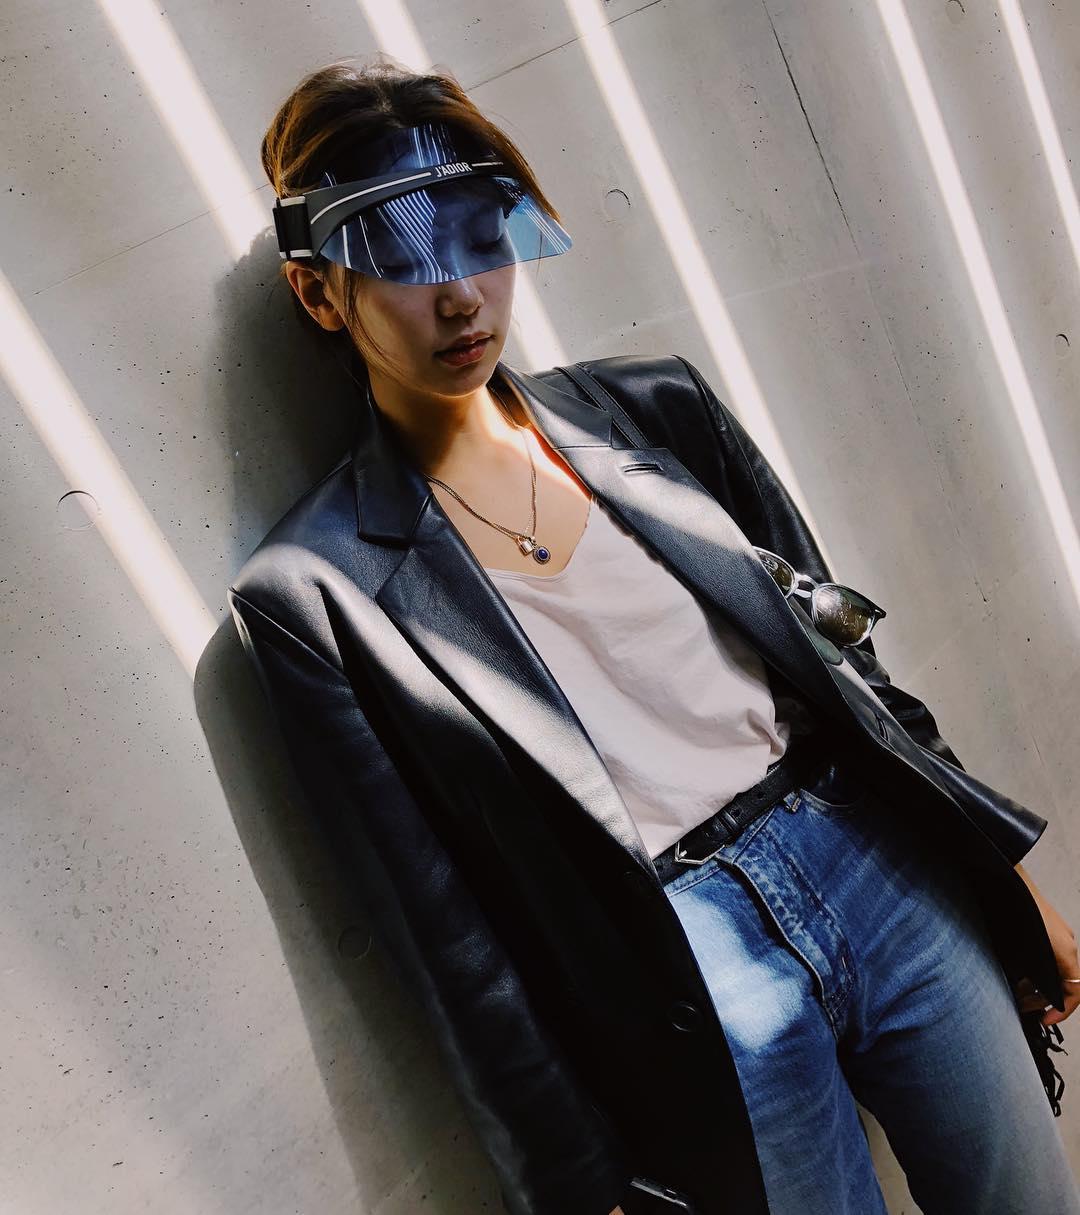 接下來要介紹的是韓國新一代模特李浩靜~年紀輕輕的她早已出演過不少MV和電影(K.Will、勝利、菜鳥警校生...等),平常穿搭風格非常多樣,可以說是現代流行的Icon指標~